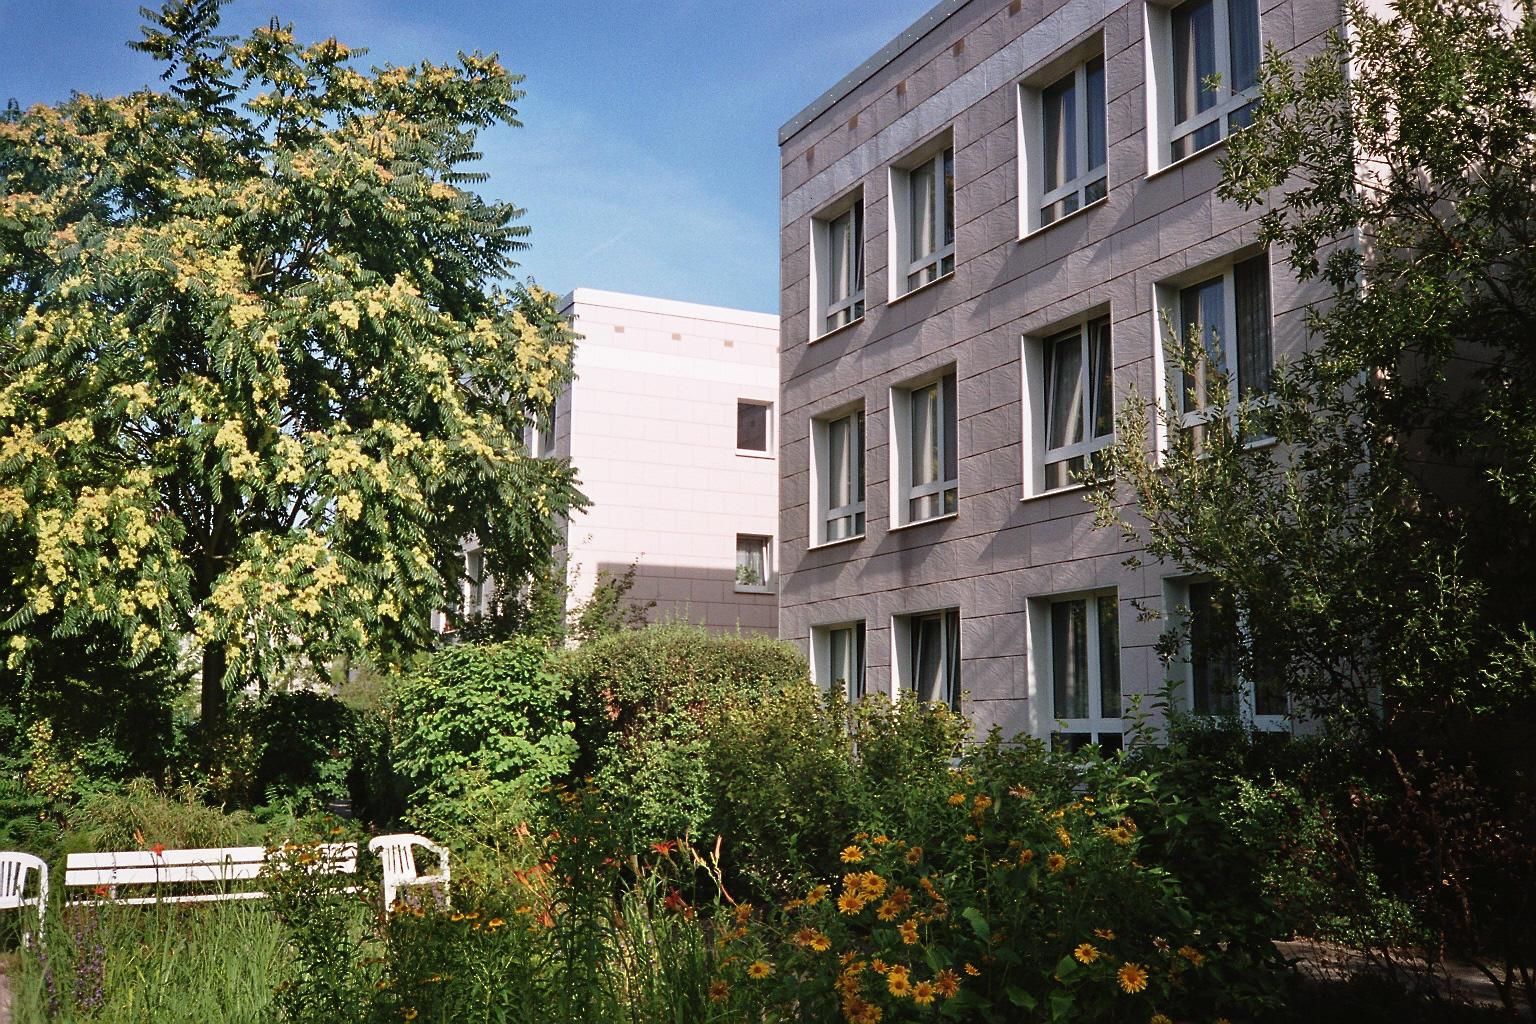 Tagespflegest�tte - Wohnen mit Service in Hohensch�nhausen